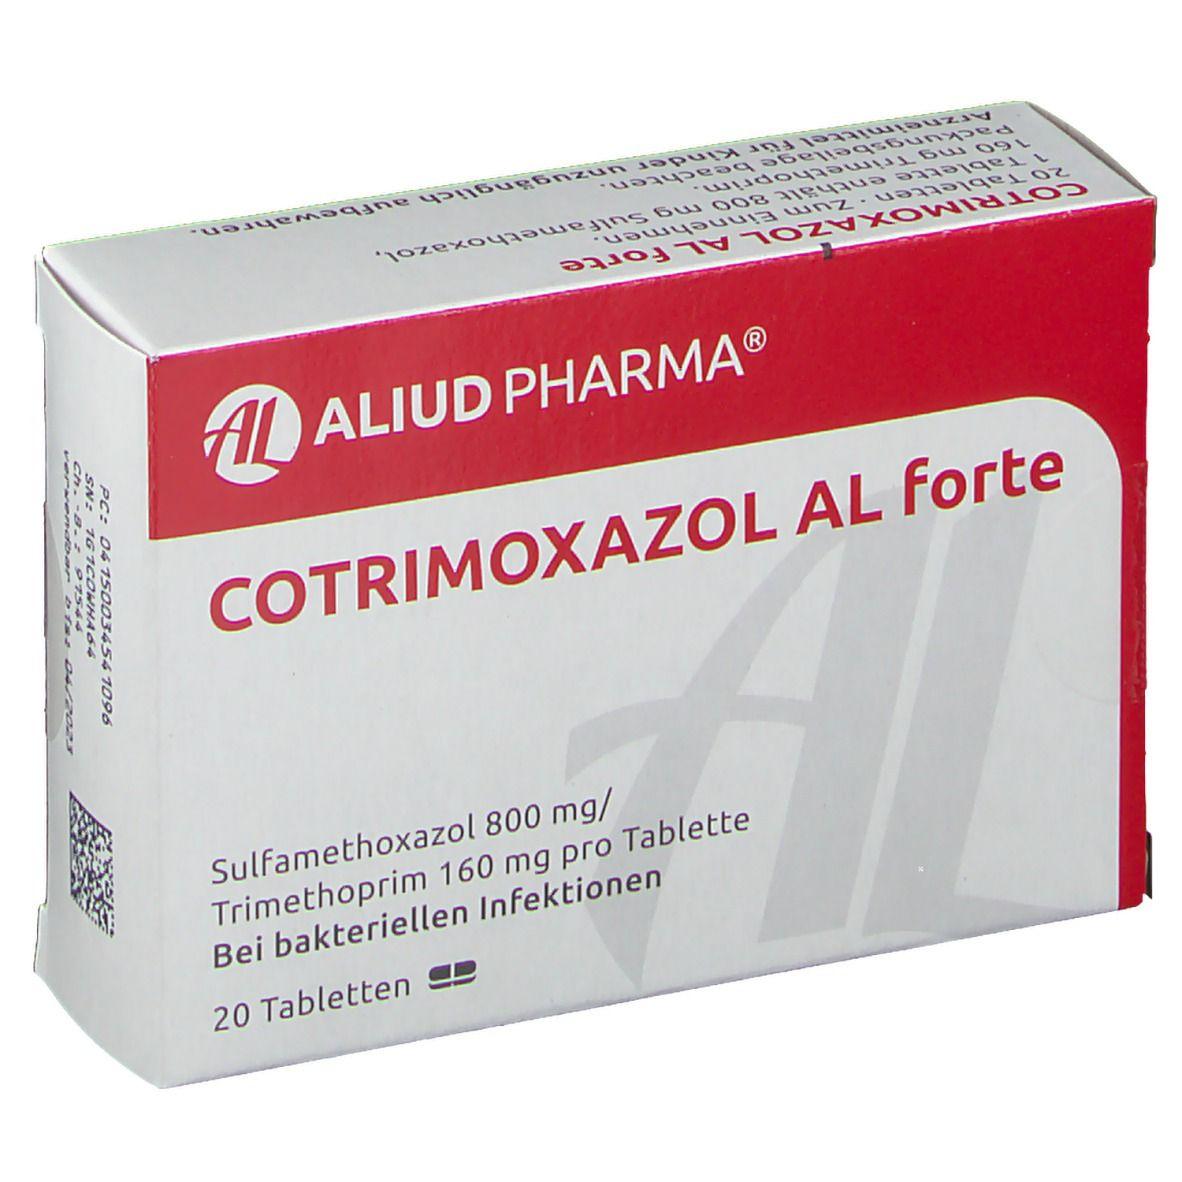 Cotrimoxazol AL forte 20 St - shop-apotheke.com